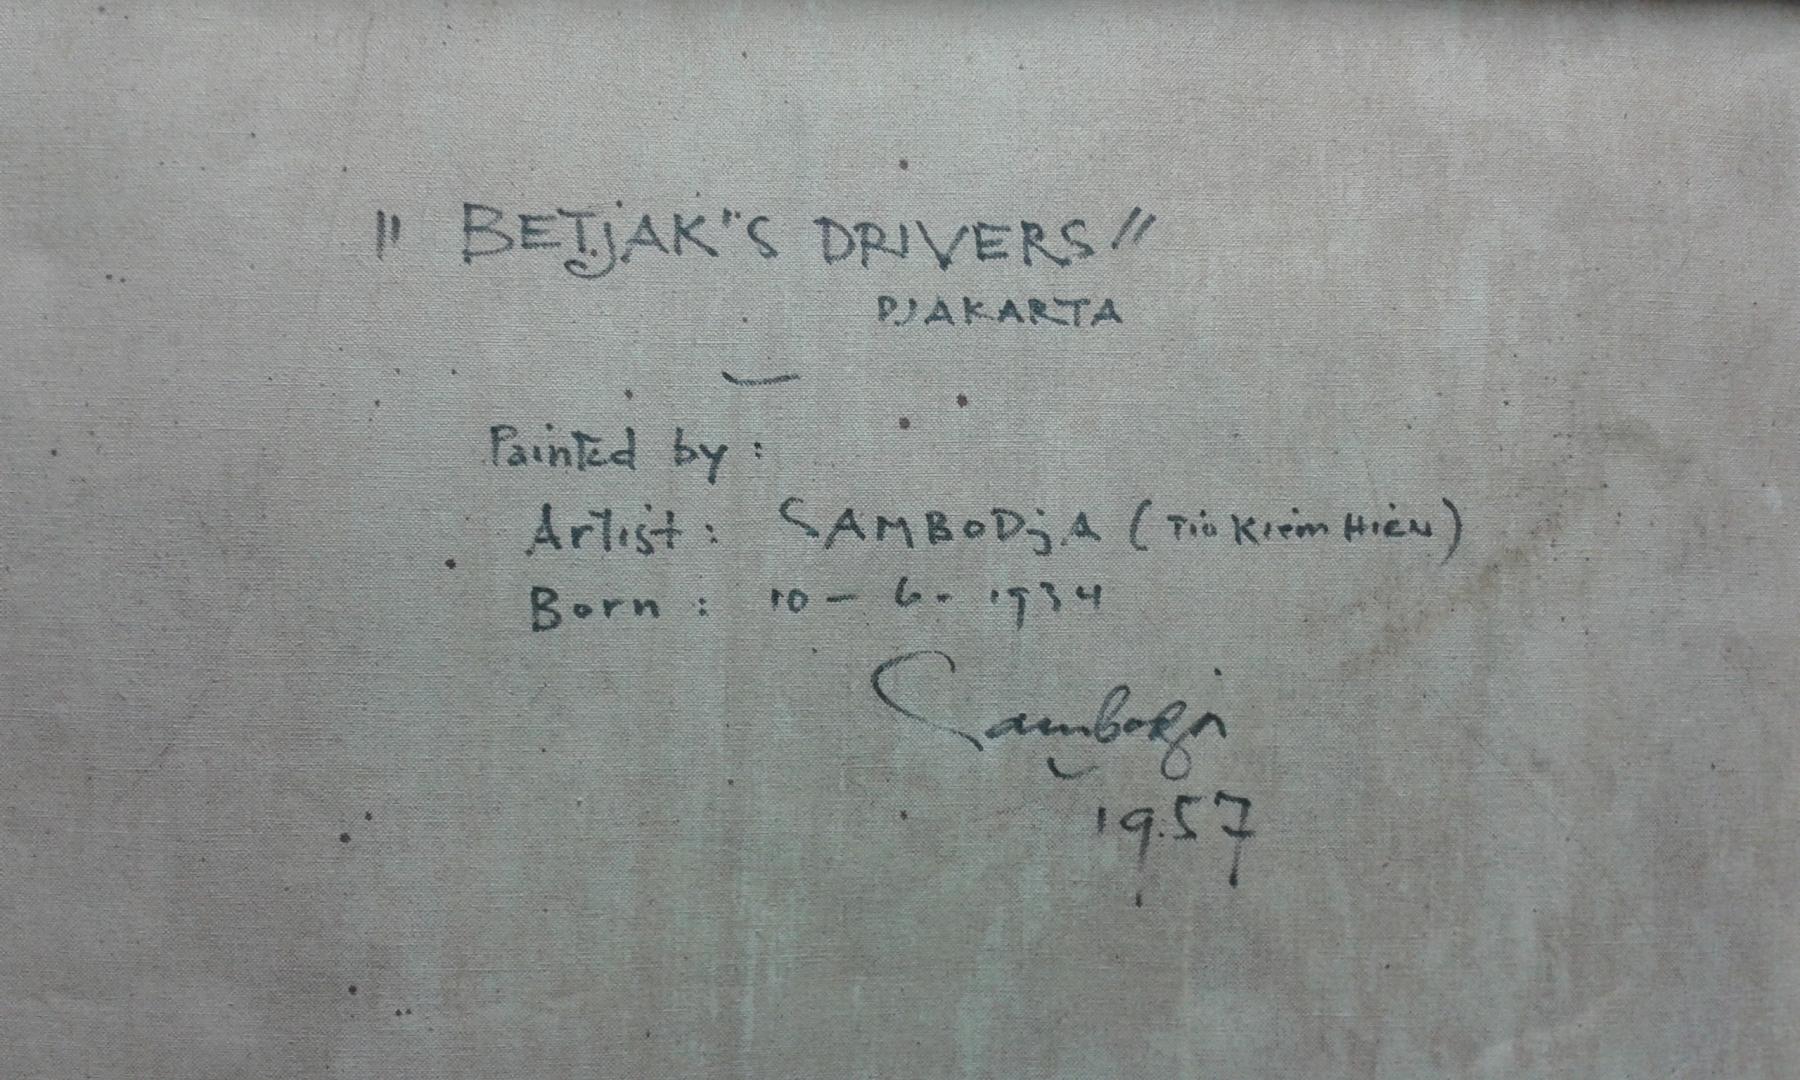 Sambodja Tio Kiem Hieu Betjaks drivers Djakarta verso details